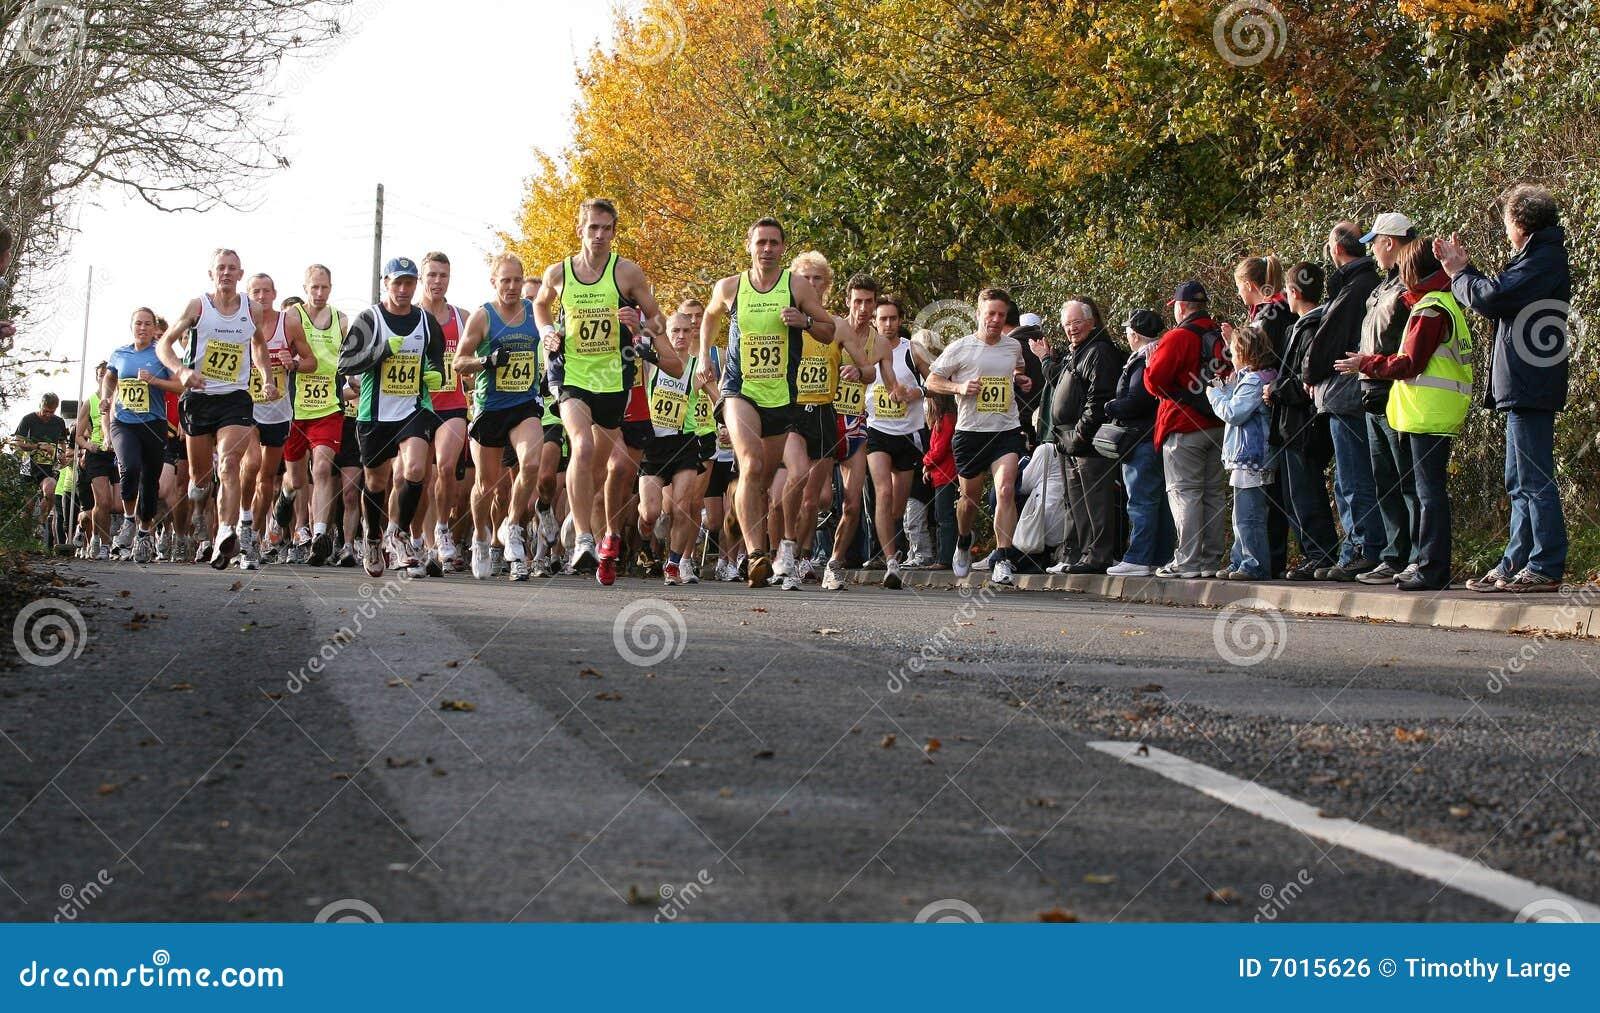 2008 marathon du cheddar 1/2